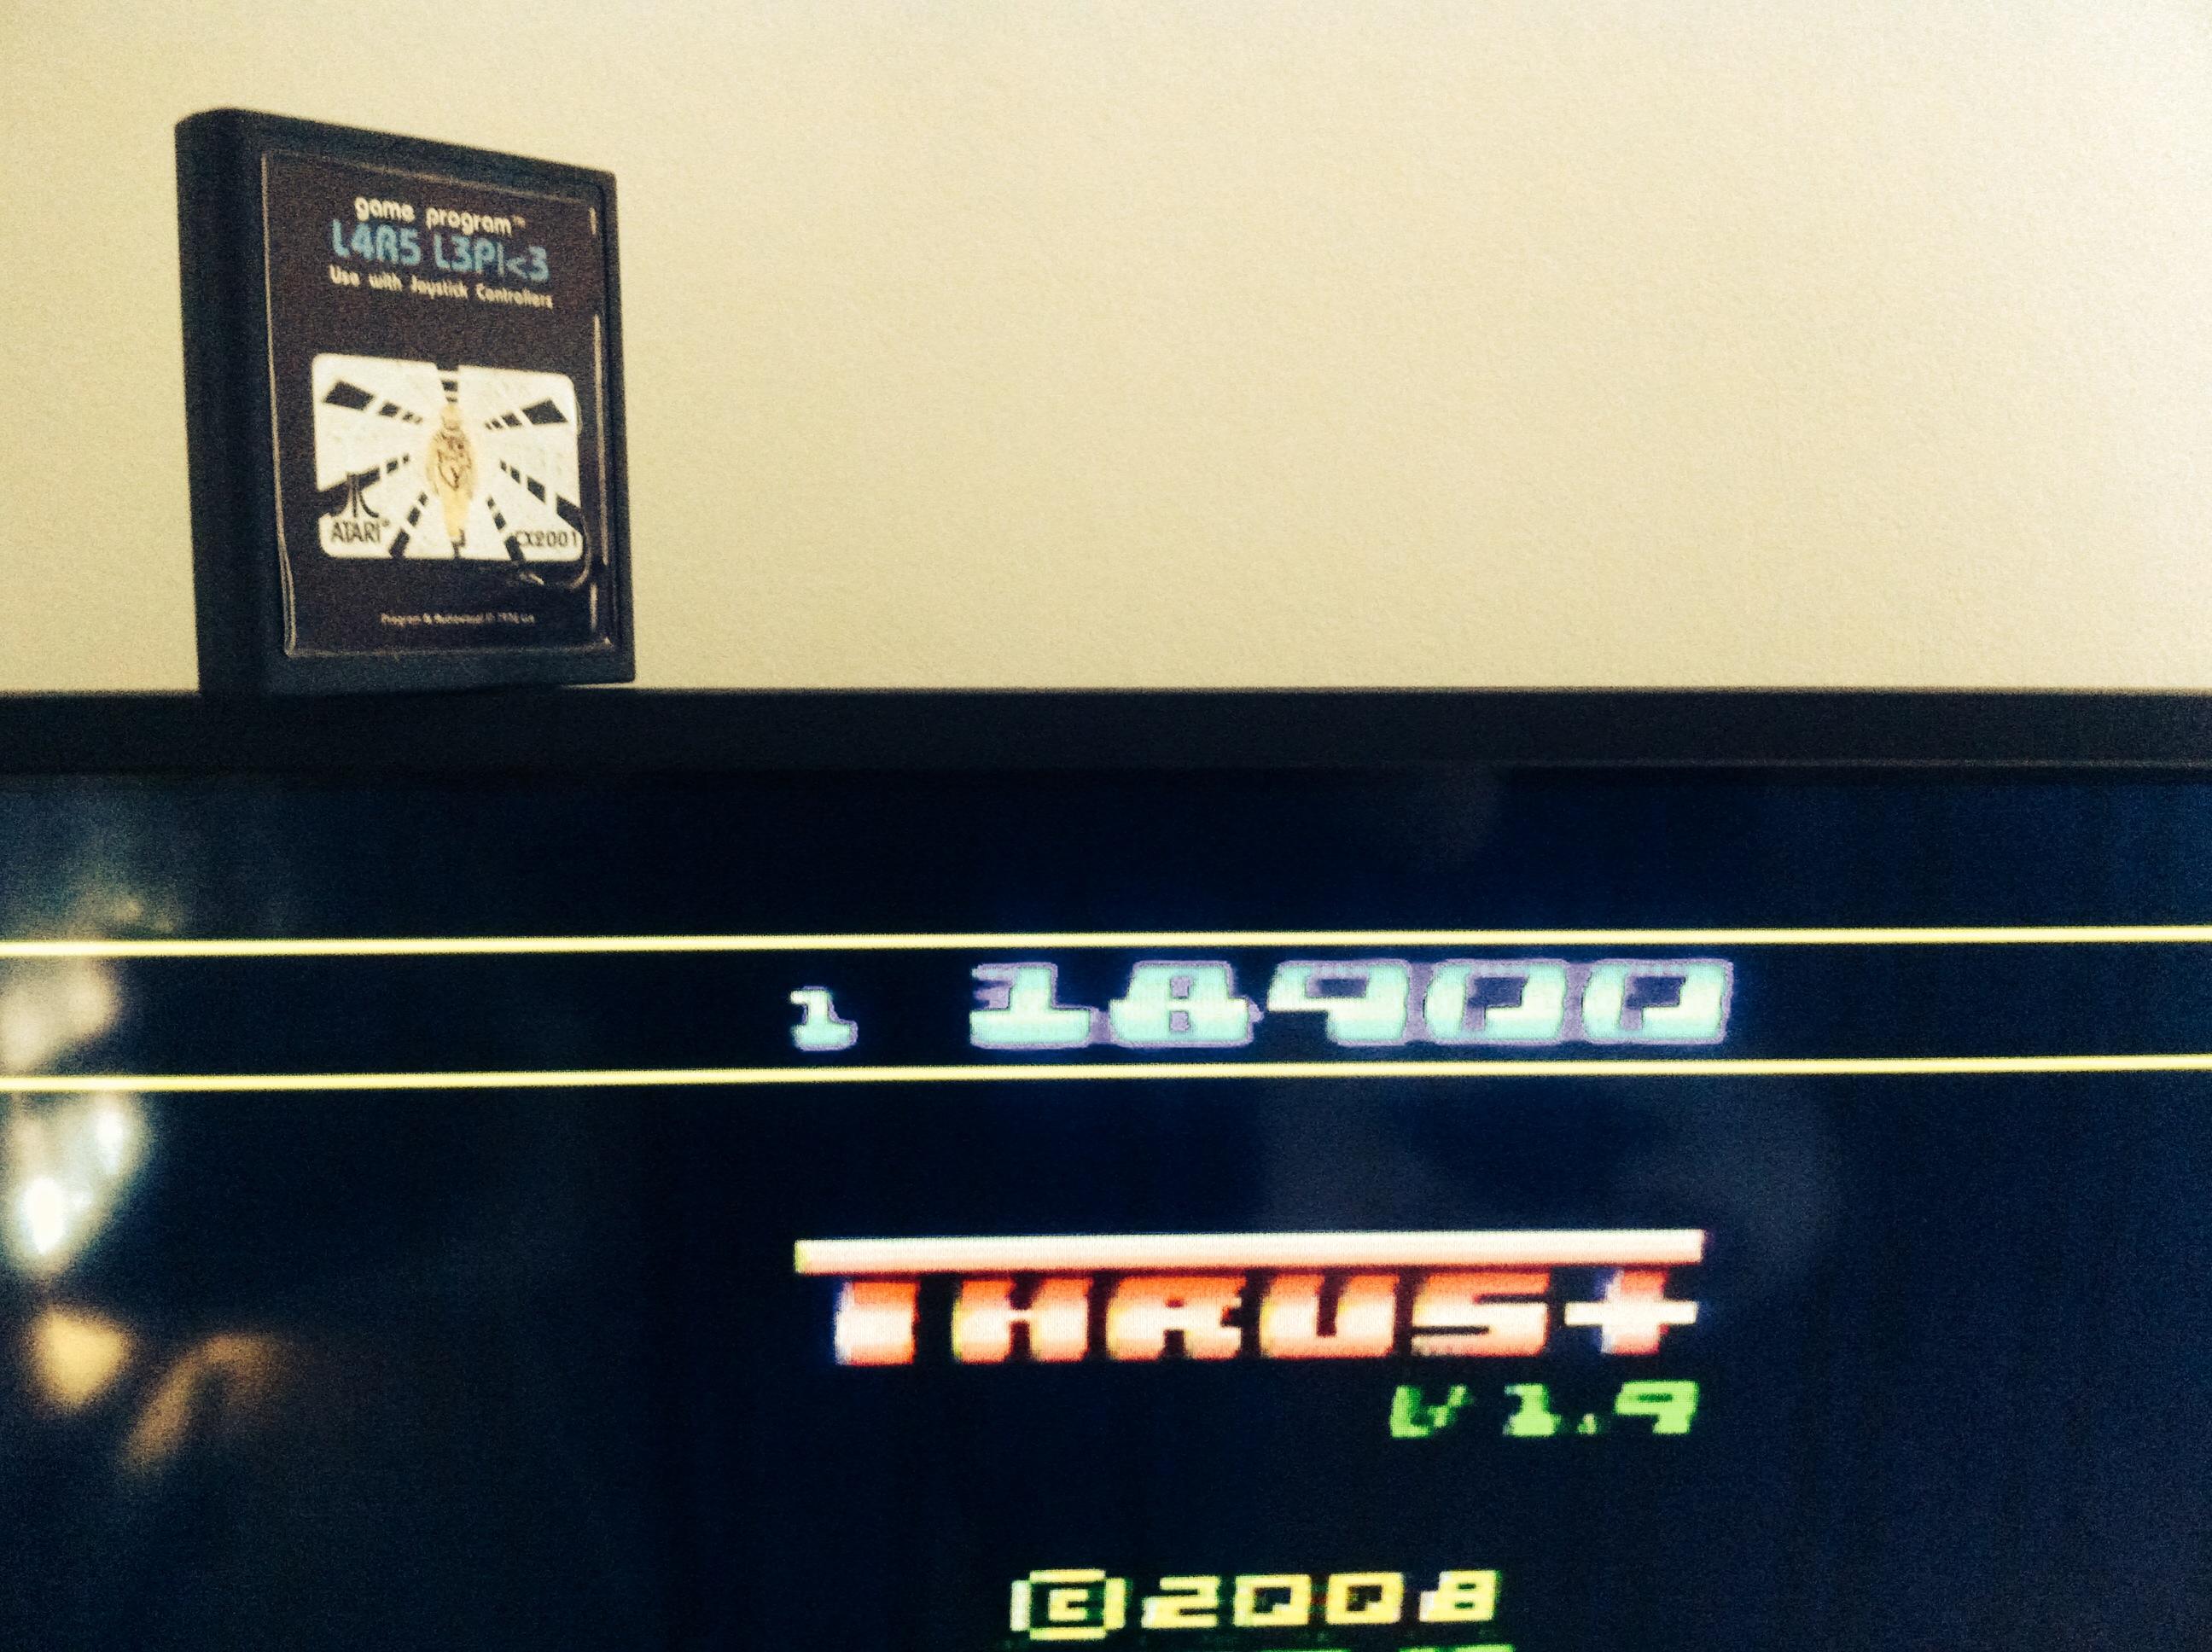 Thrust+ Platinum 18,900 points